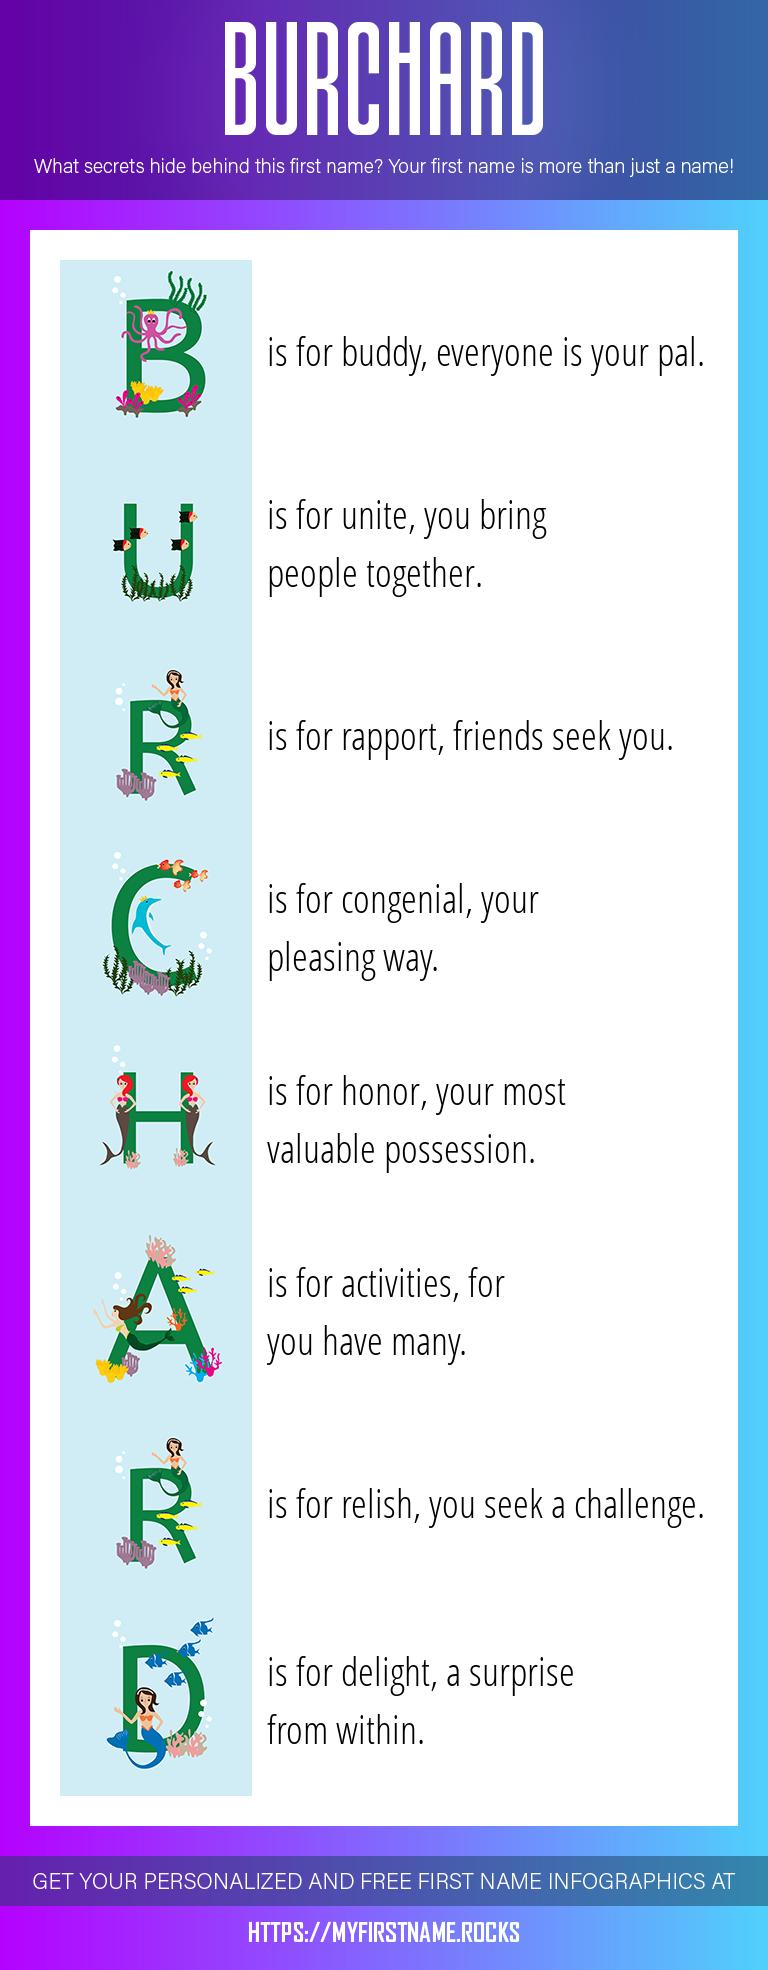 Burchard Infographics